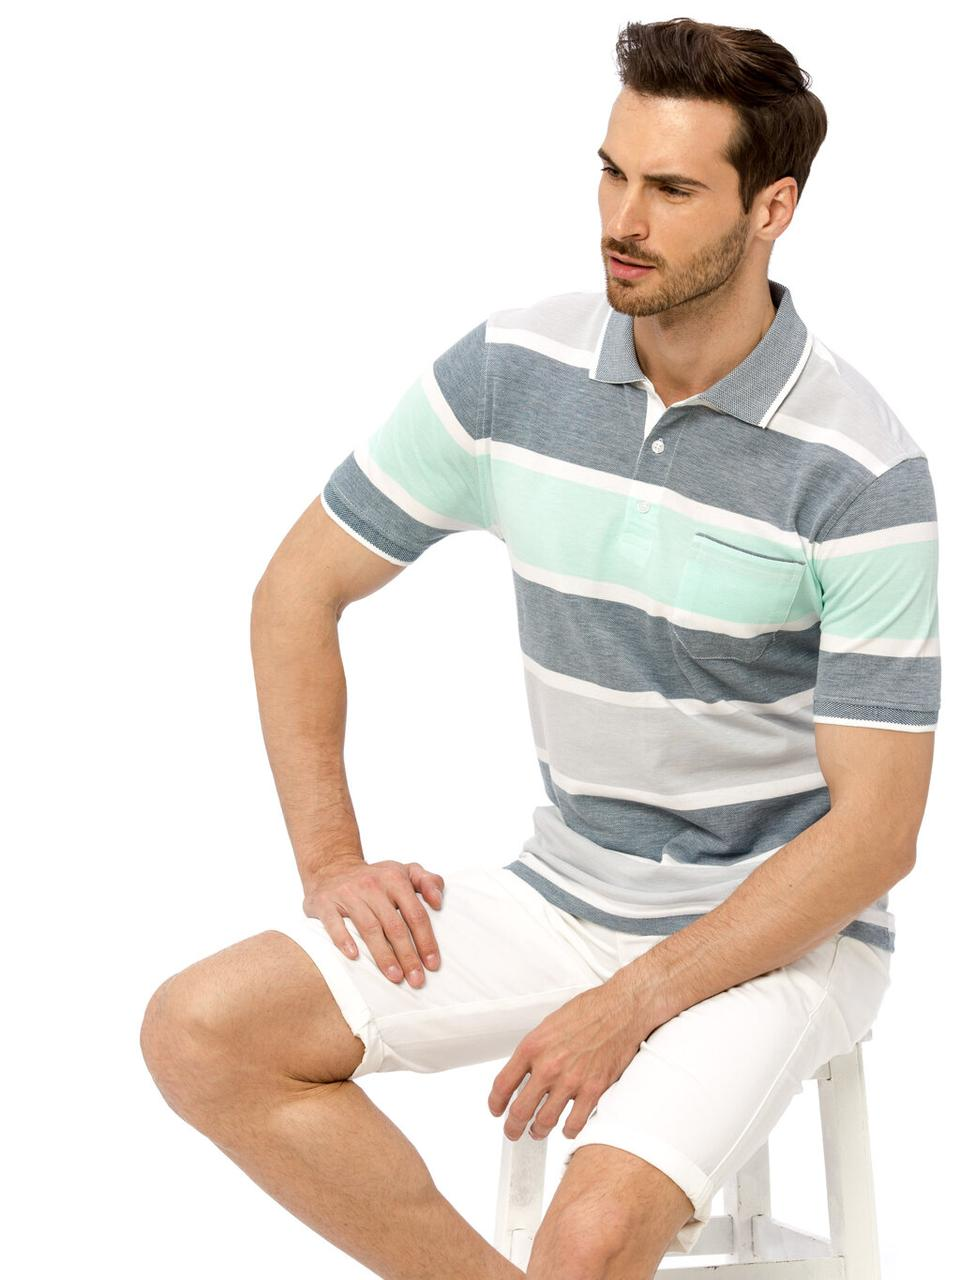 Белое мужское поло LC Waikiki / ЛС Вайкики в мятную и синюю полоску, с карманом на груди